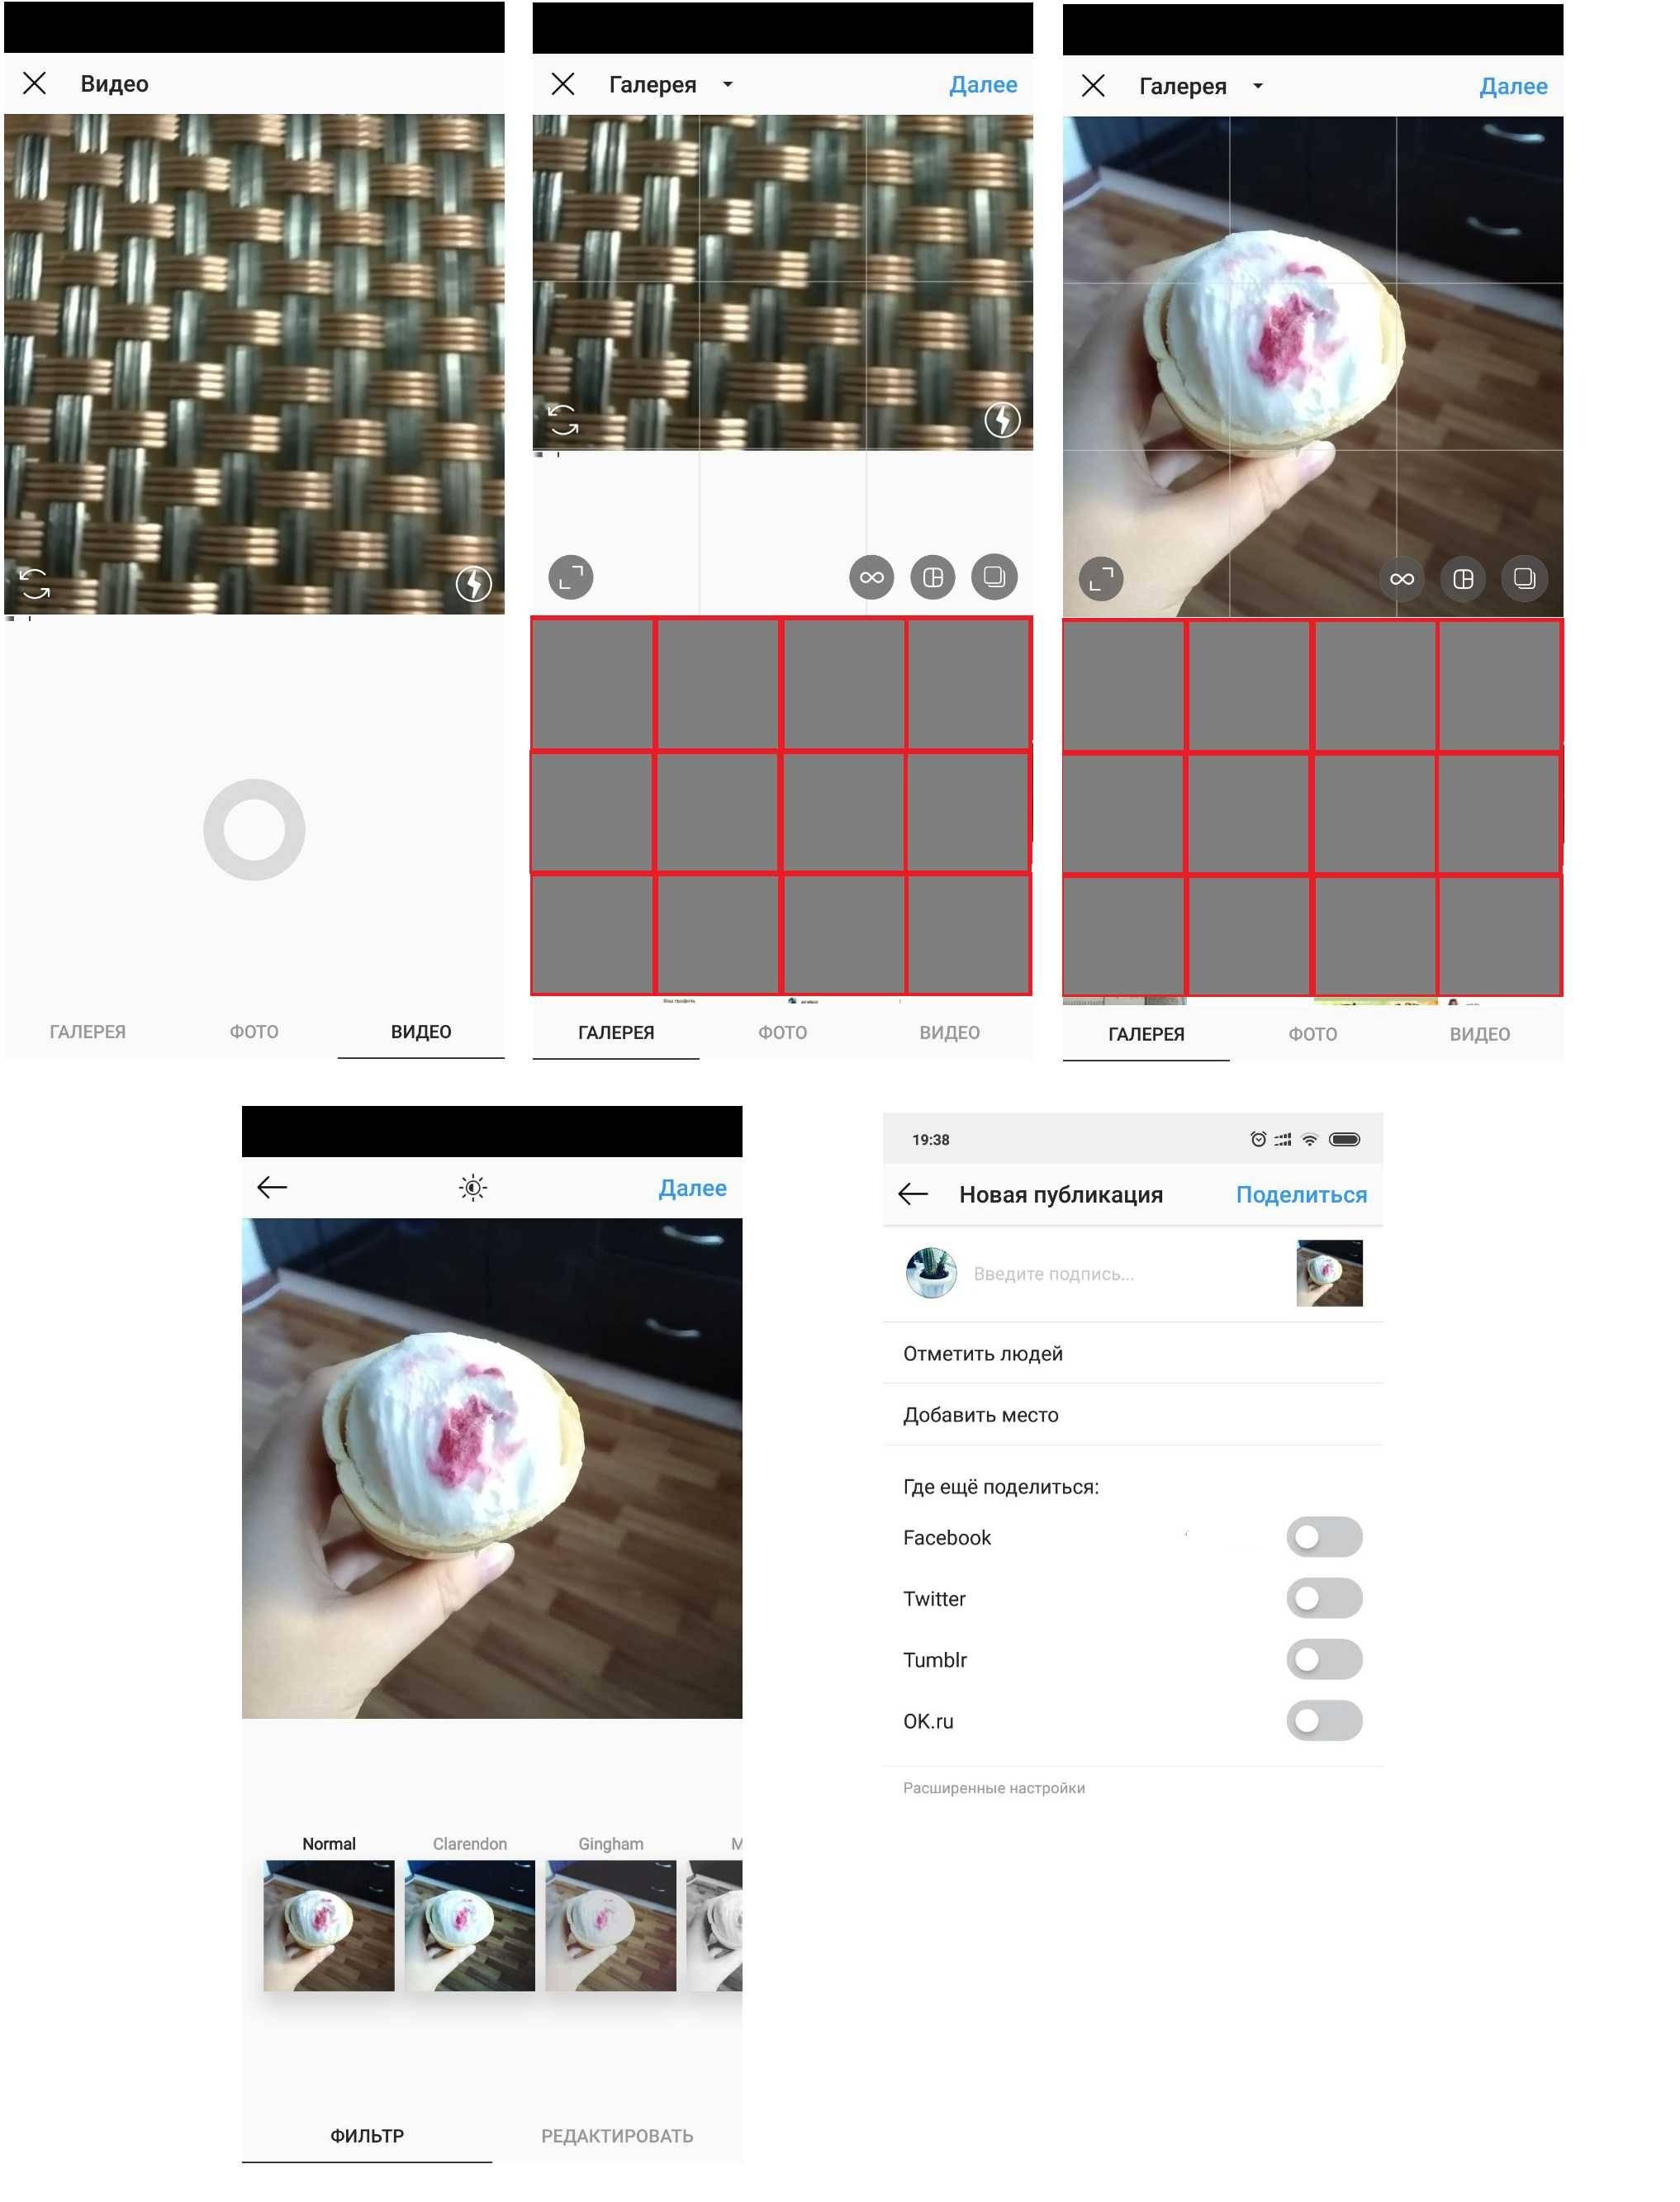 Приложения для обработки фото на смартфоне для инстаграм